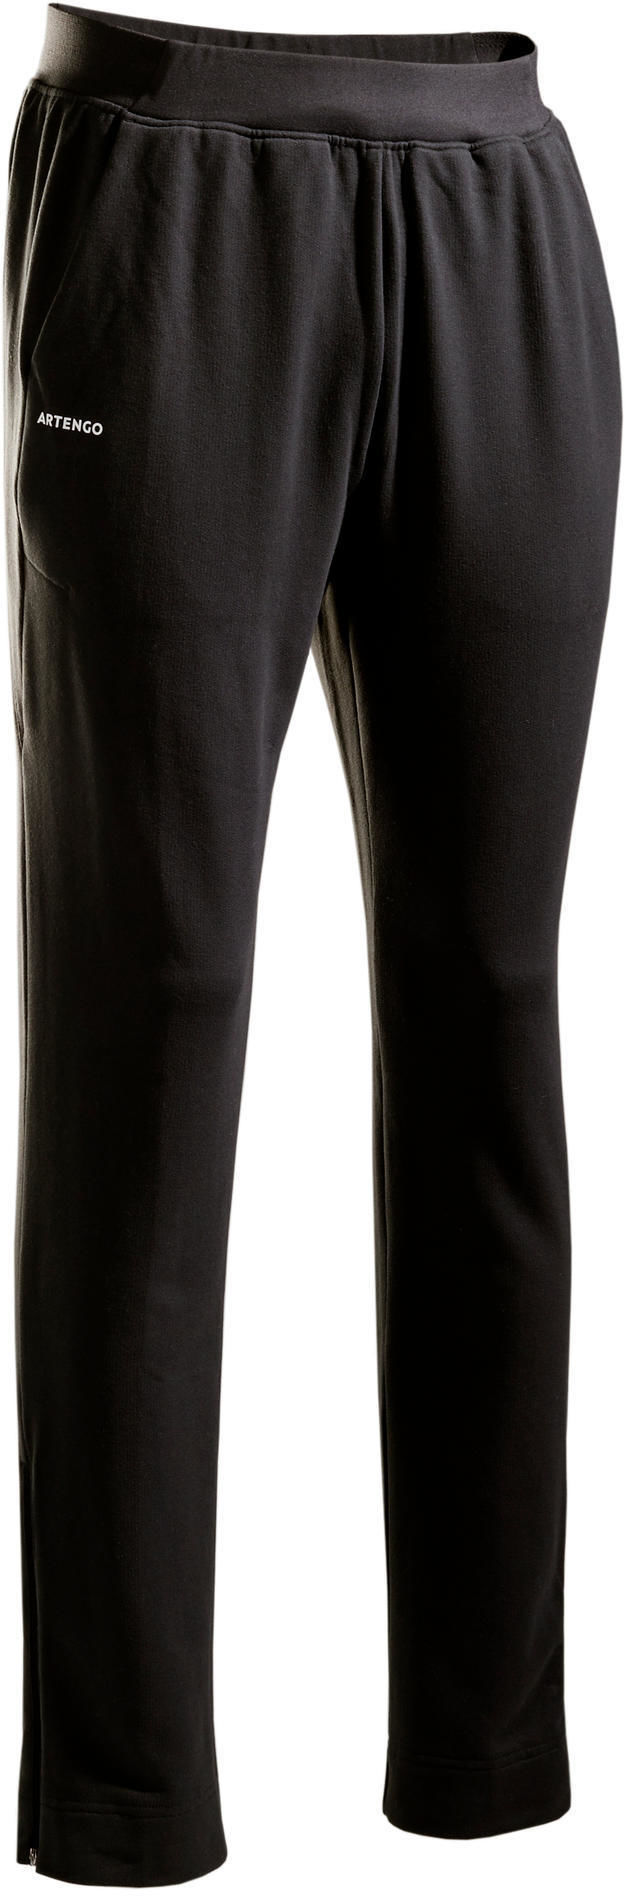 Spodnie tenisowe męskie Artengo TPA 500 Thermic